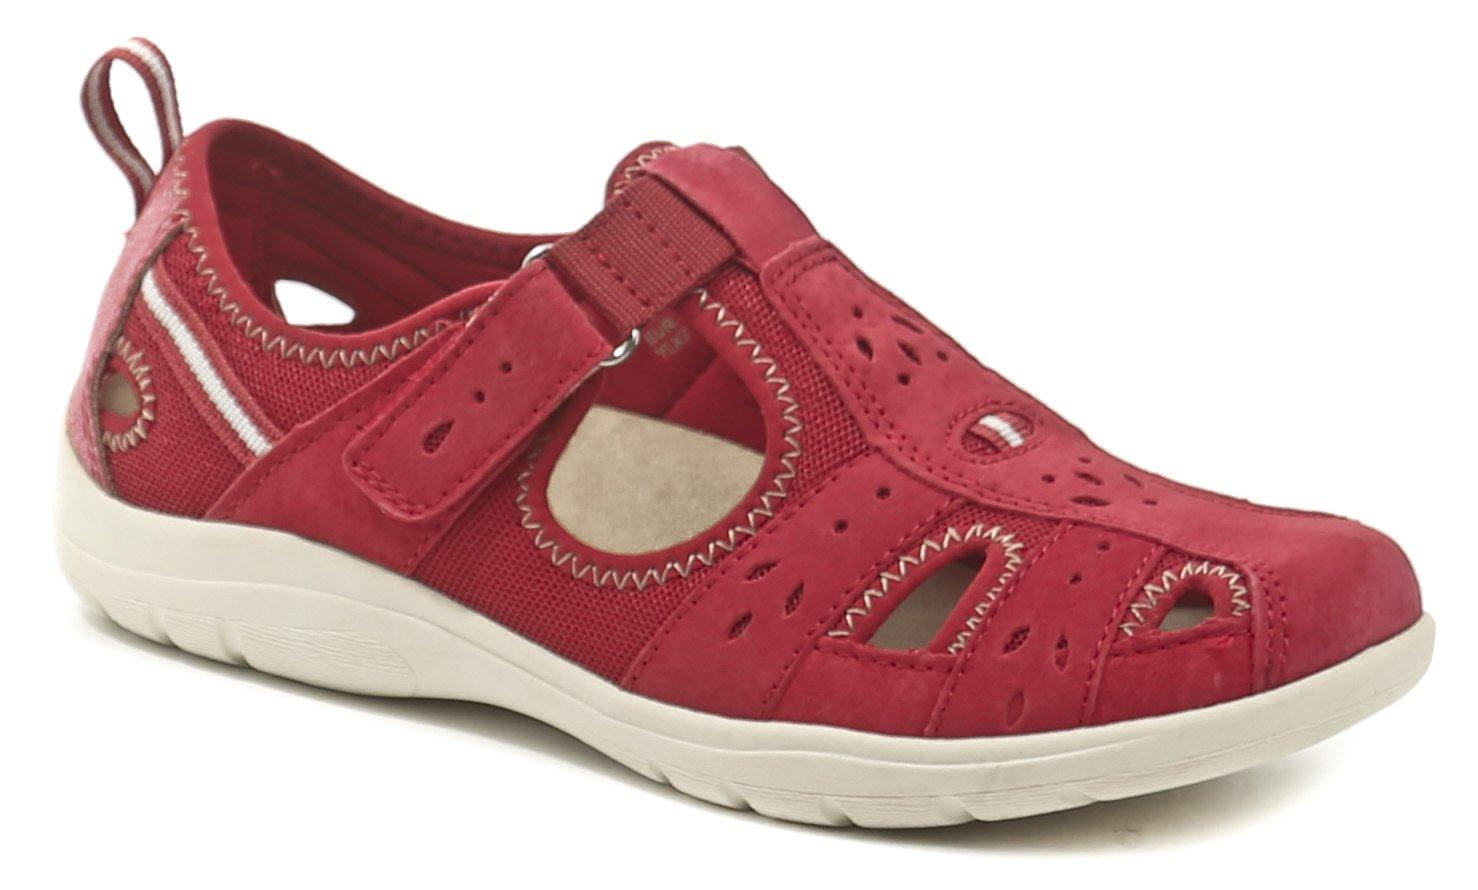 Earth Spirit Cleveland červená dámská letní obuv EUR 36